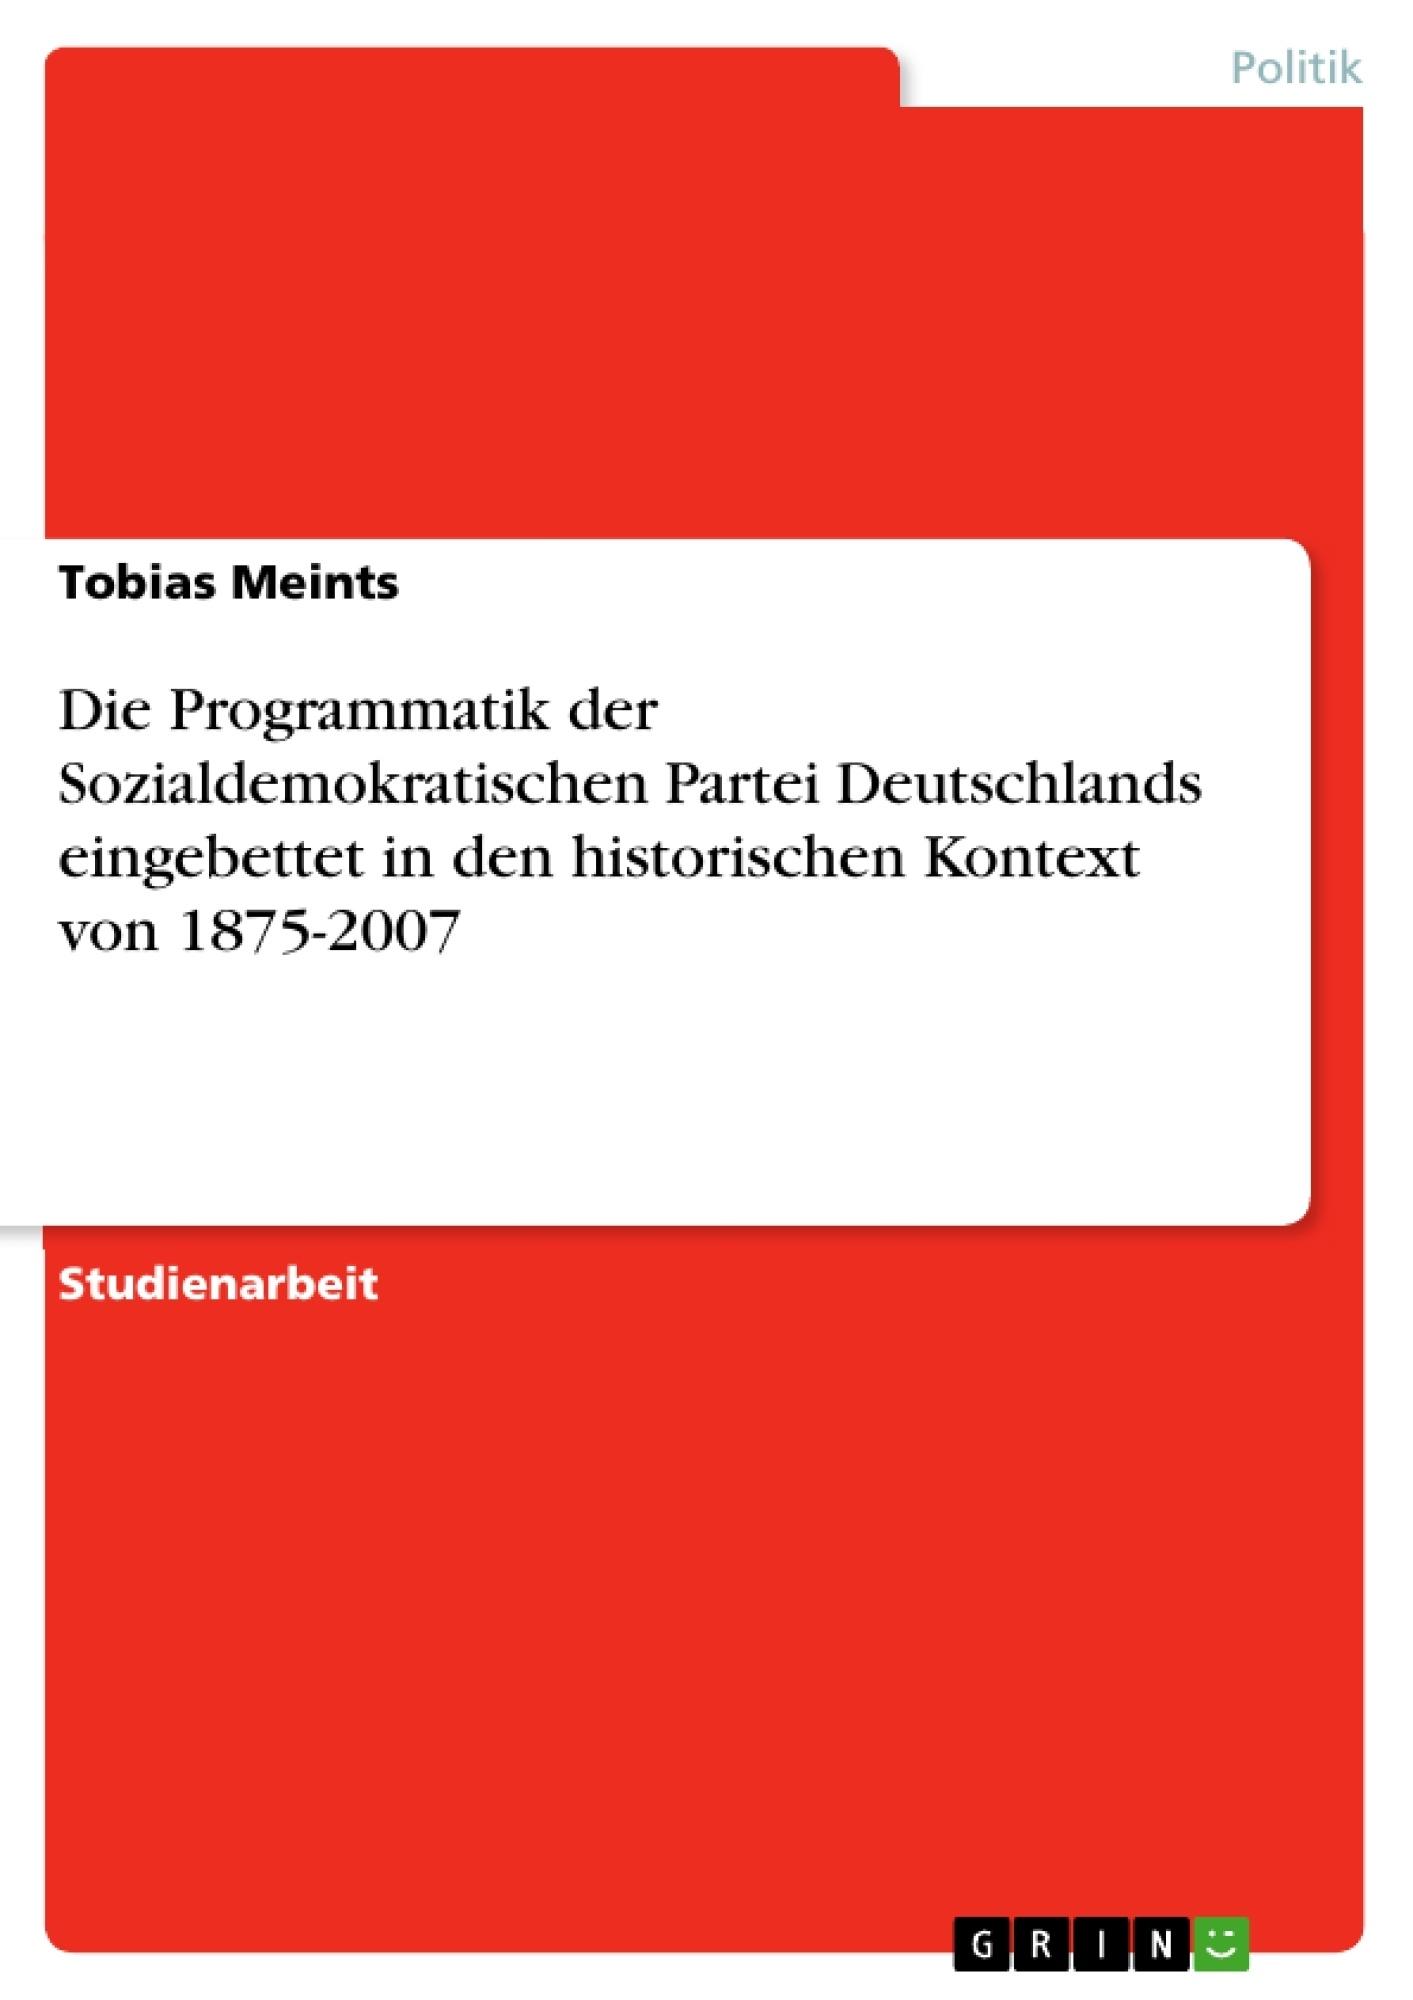 Titel: Die Programmatik der Sozialdemokratischen Partei Deutschlands eingebettet in den historischen Kontext von 1875-2007